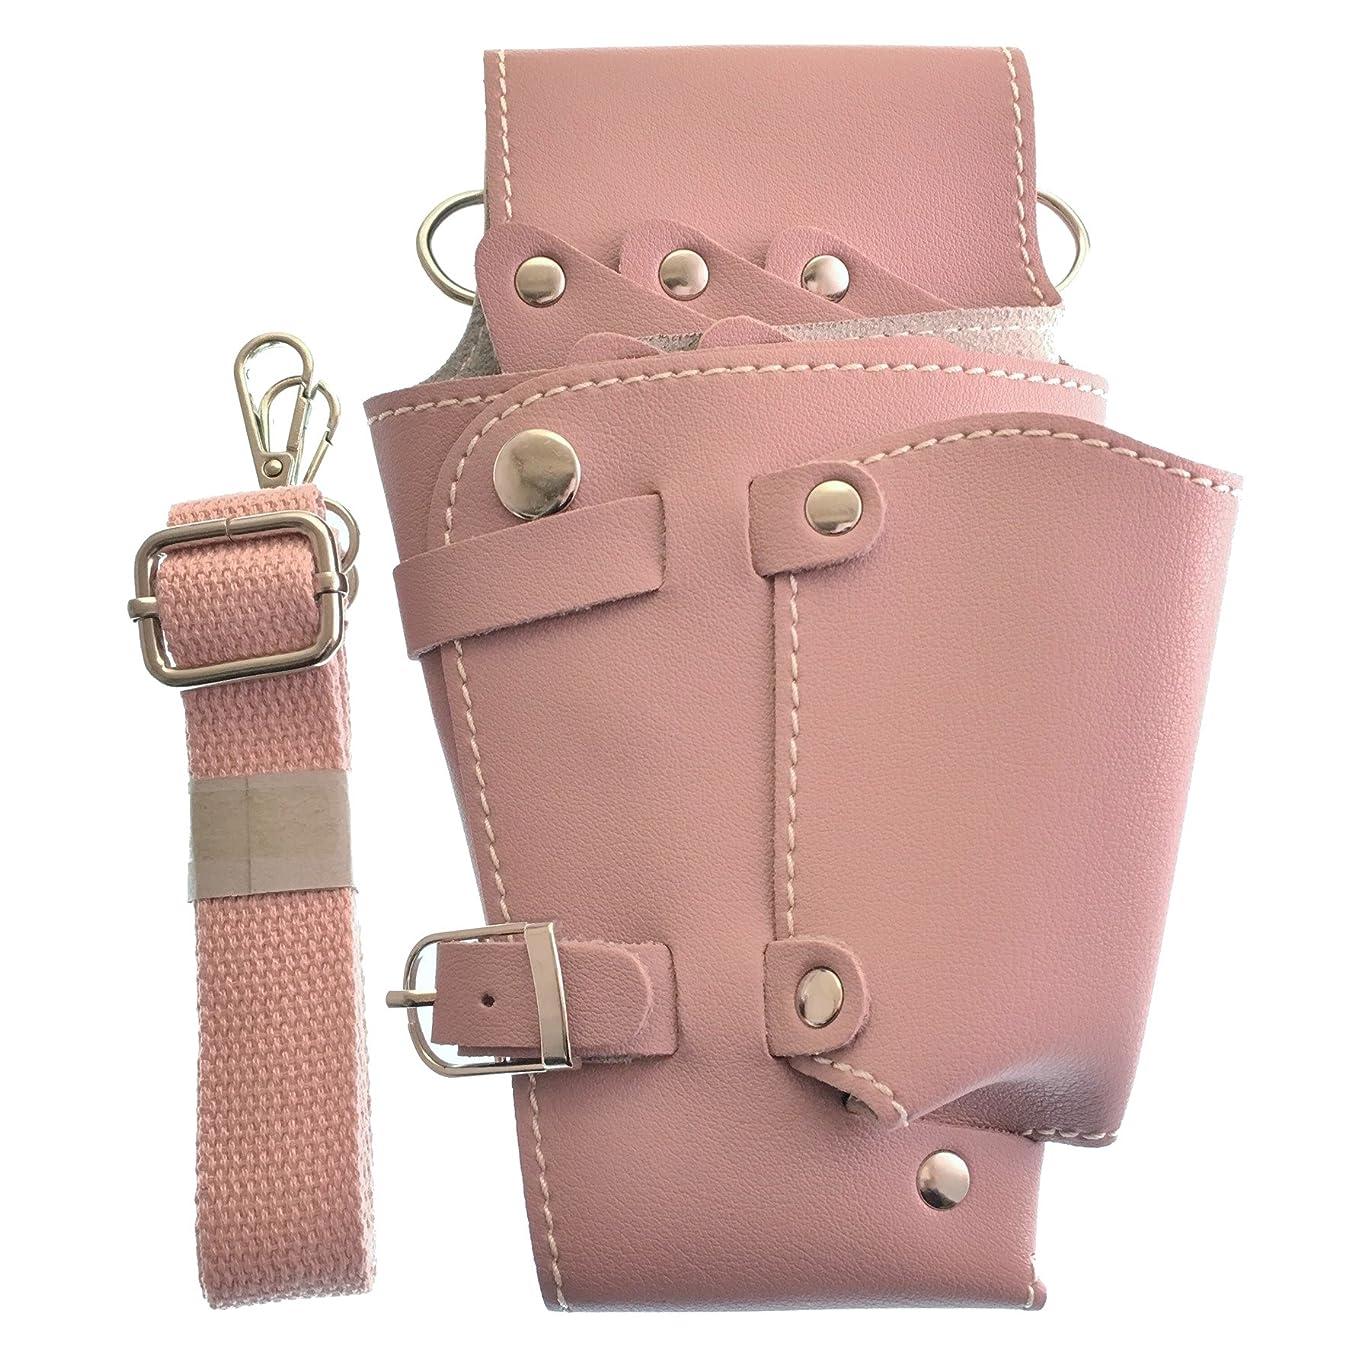 ちなみに協同マウント【GLASS FROG】シザーケース シザーバッグ PUレザー ハサミ5丁収納 美容師 トリマー(ピンク)